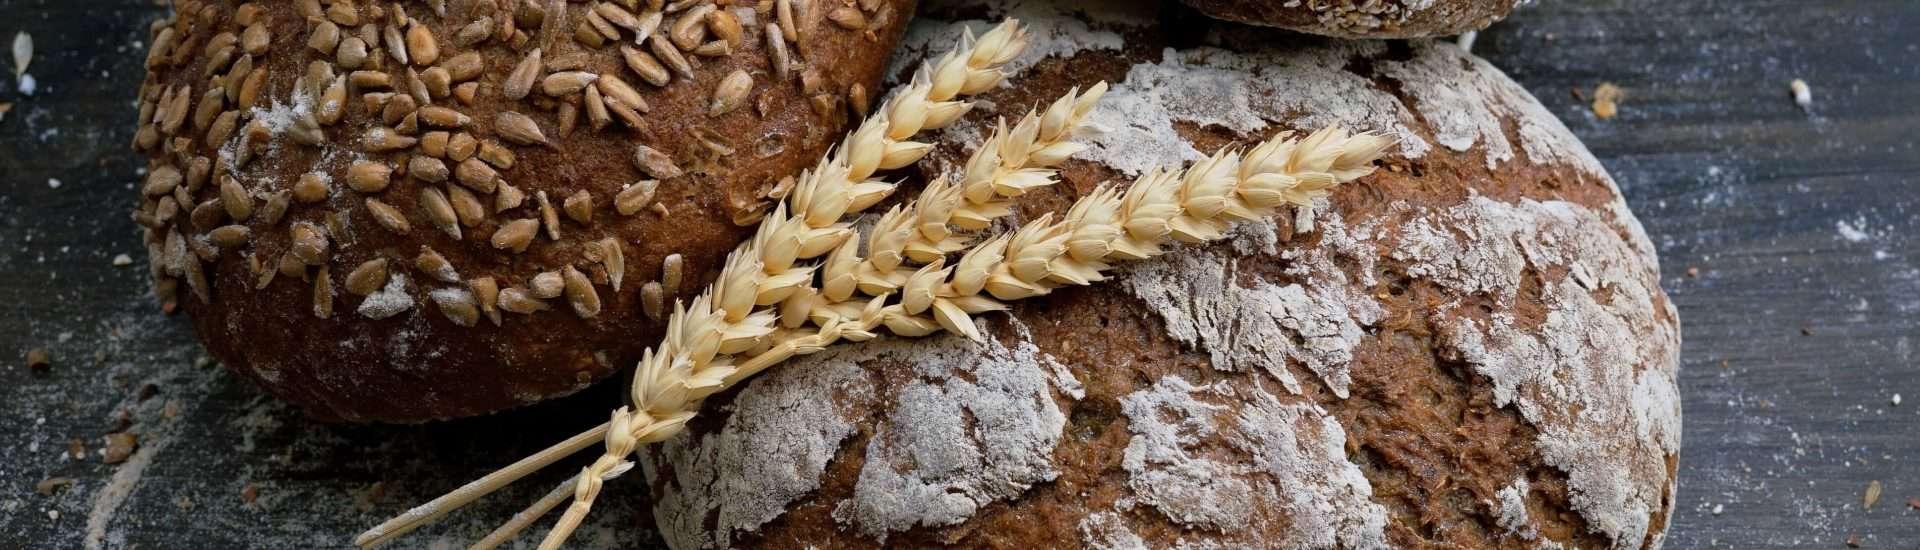 Specyficzna komunikacja piekarni z Wrocławia, czyli zawody sportowe z pieczywem w tle